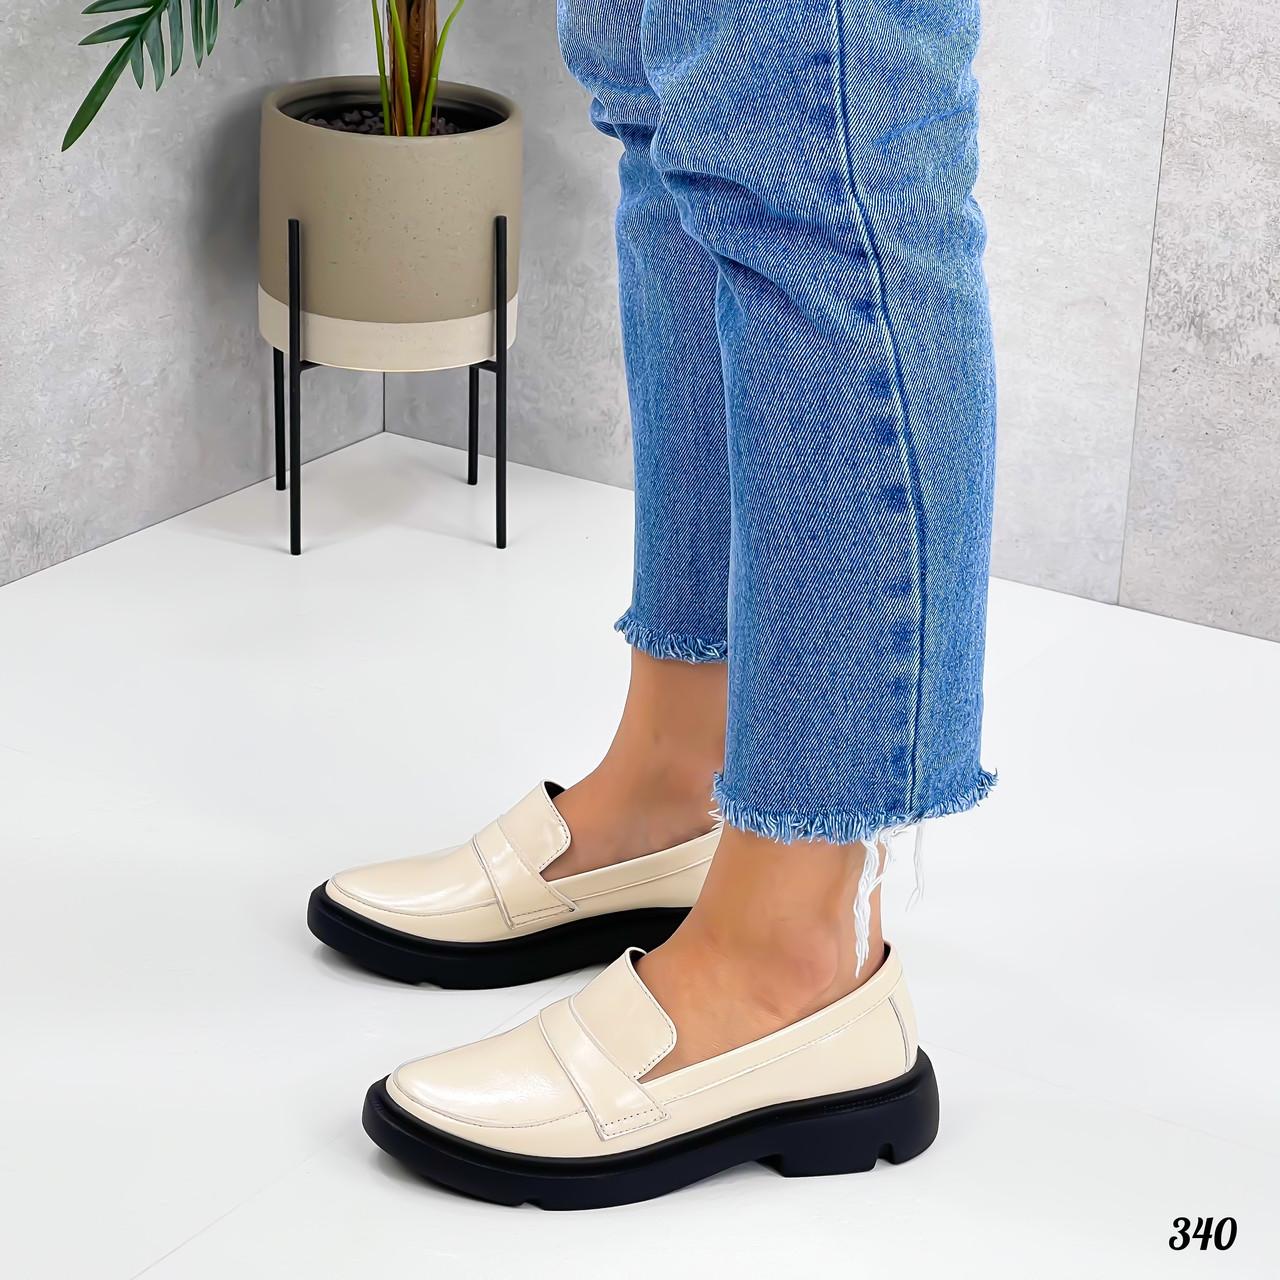 Туфли / броги женские бежевые на платформе натуральный лак